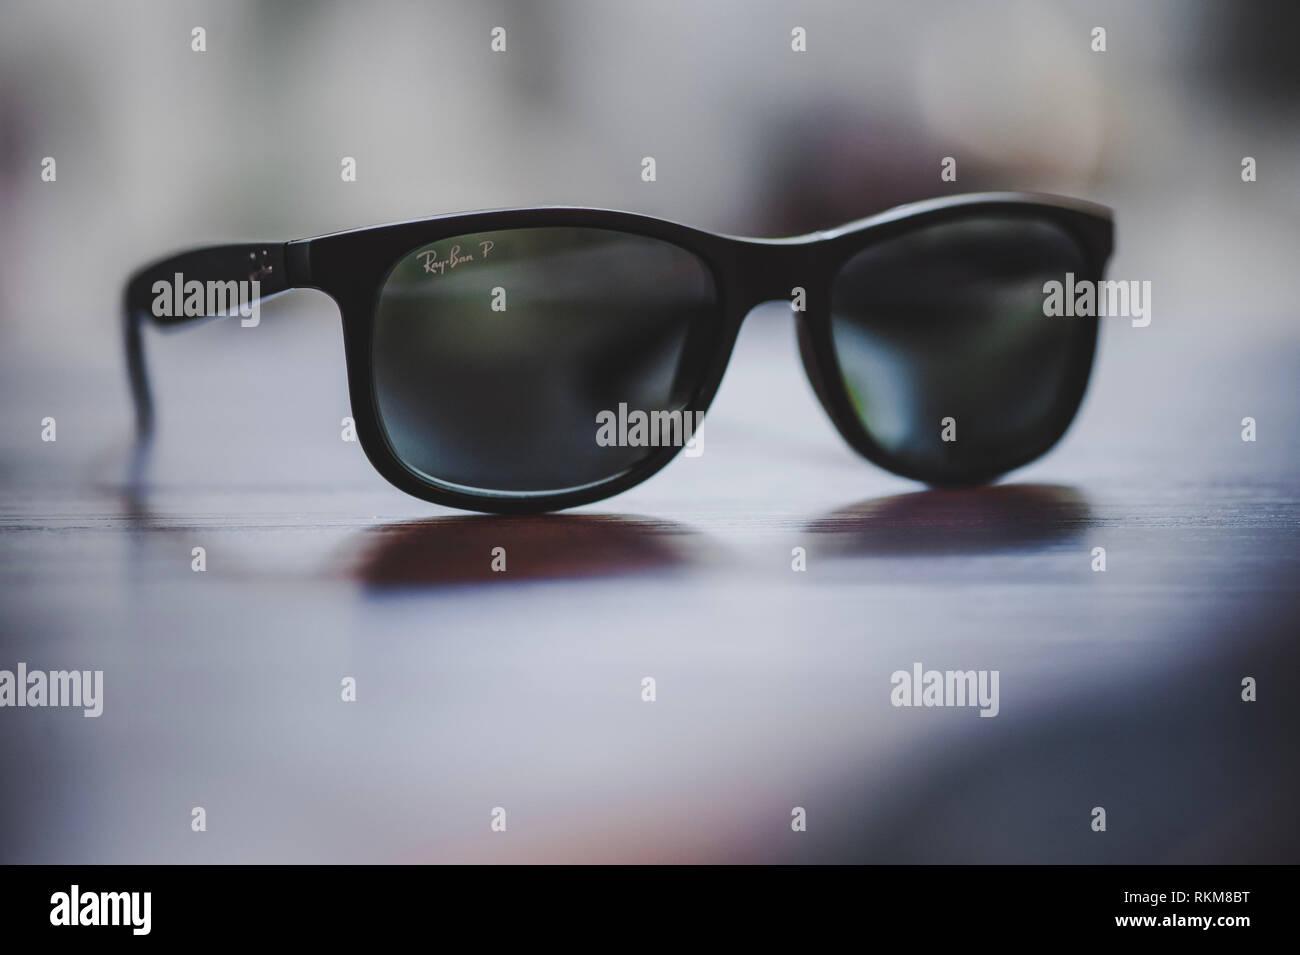 9facbf6894 Gafas De Sol Recetadas Imágenes De Stock & Gafas De Sol Recetadas ...